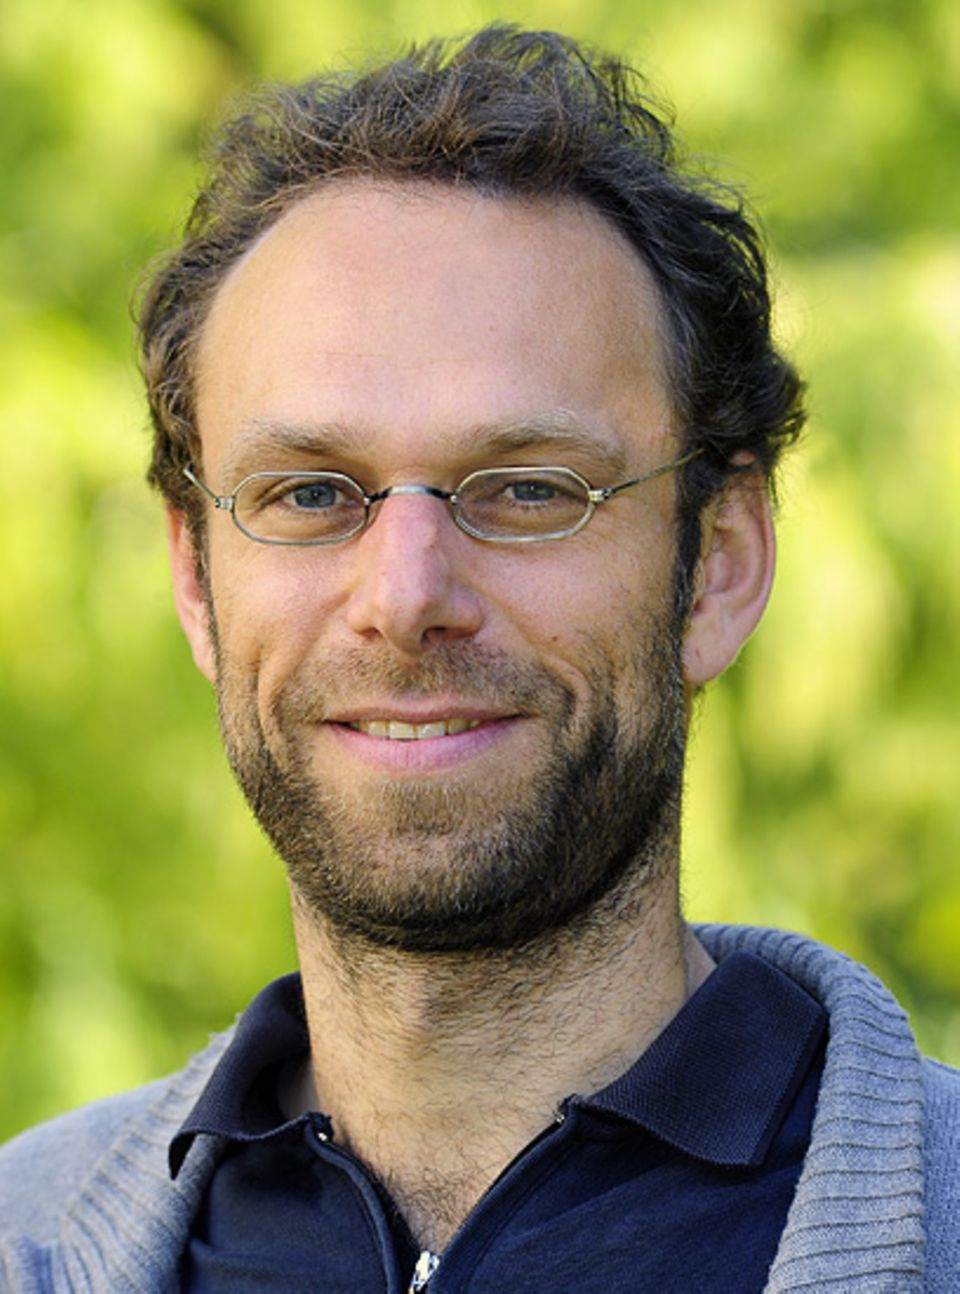 Zugvögel: Zu Martin Schaefers Forschungsschwerpunkten gehören die Populationsgenetik von Vögeln und die visuelle Kommunikation zwischen Pflanzen und Tieren